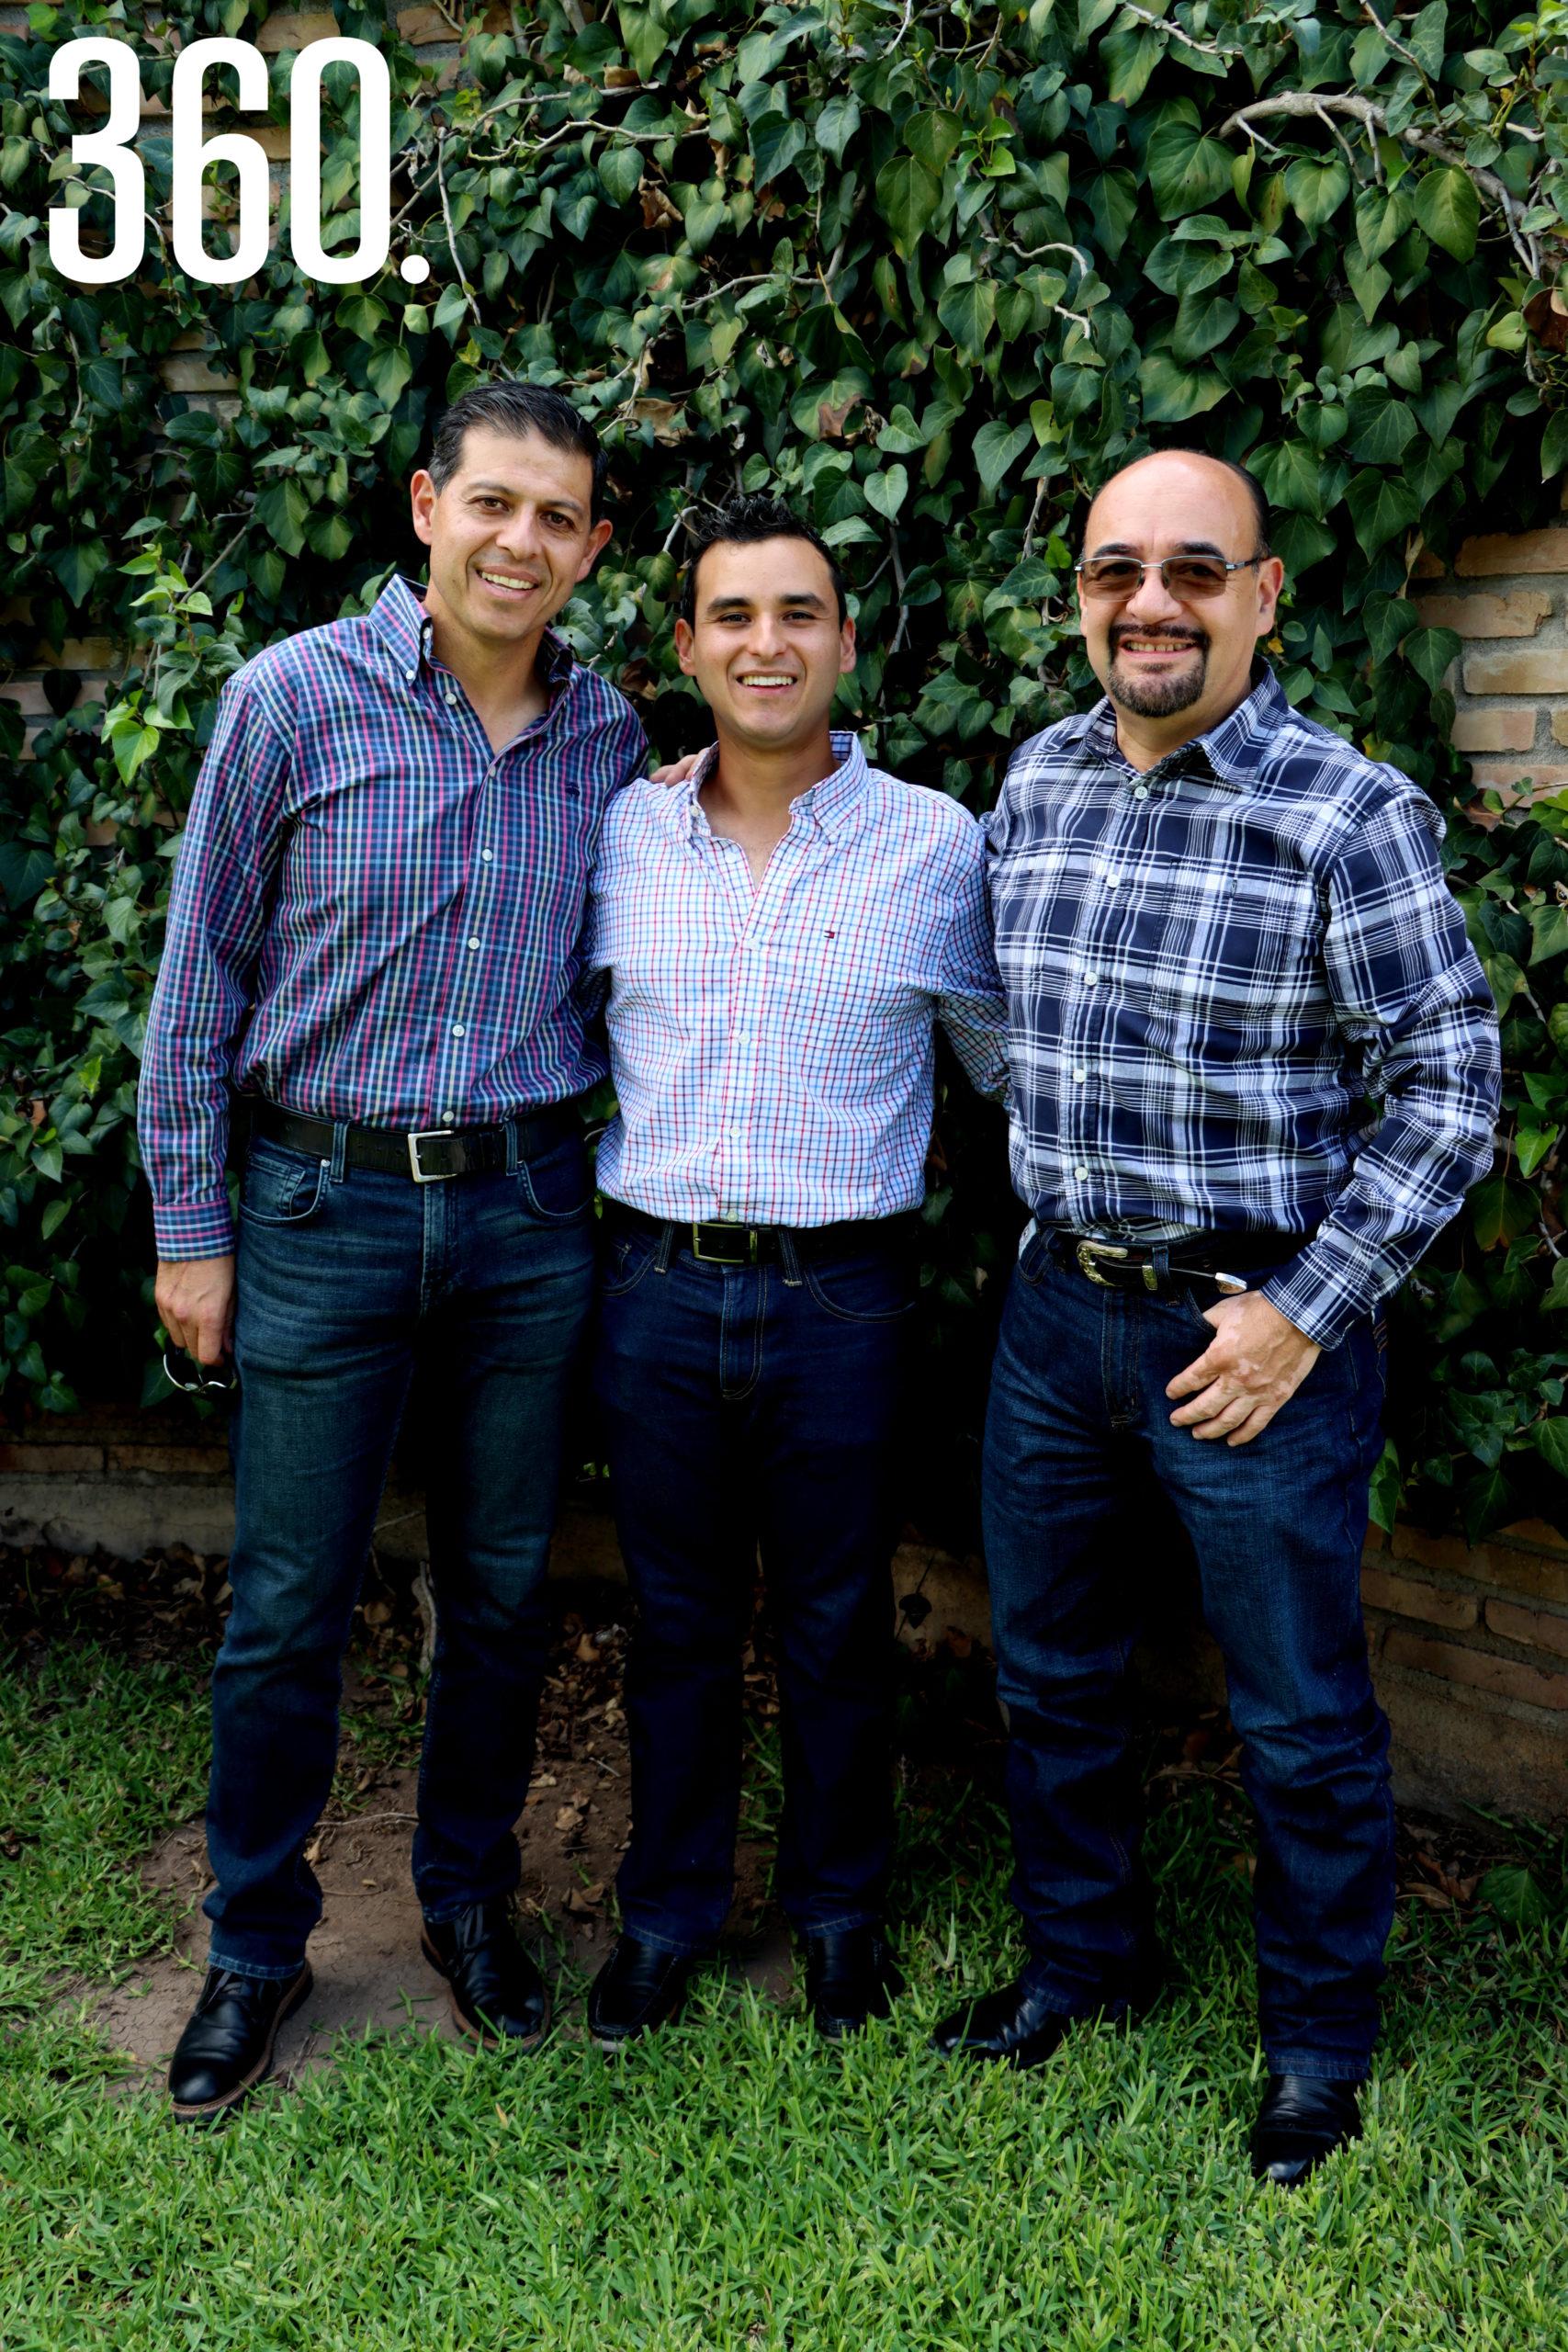 Octavio Pimentel y Reynaldo Rodríguez organizaron la despedida de soltero para su Mauricio Oyervides Guerrero.